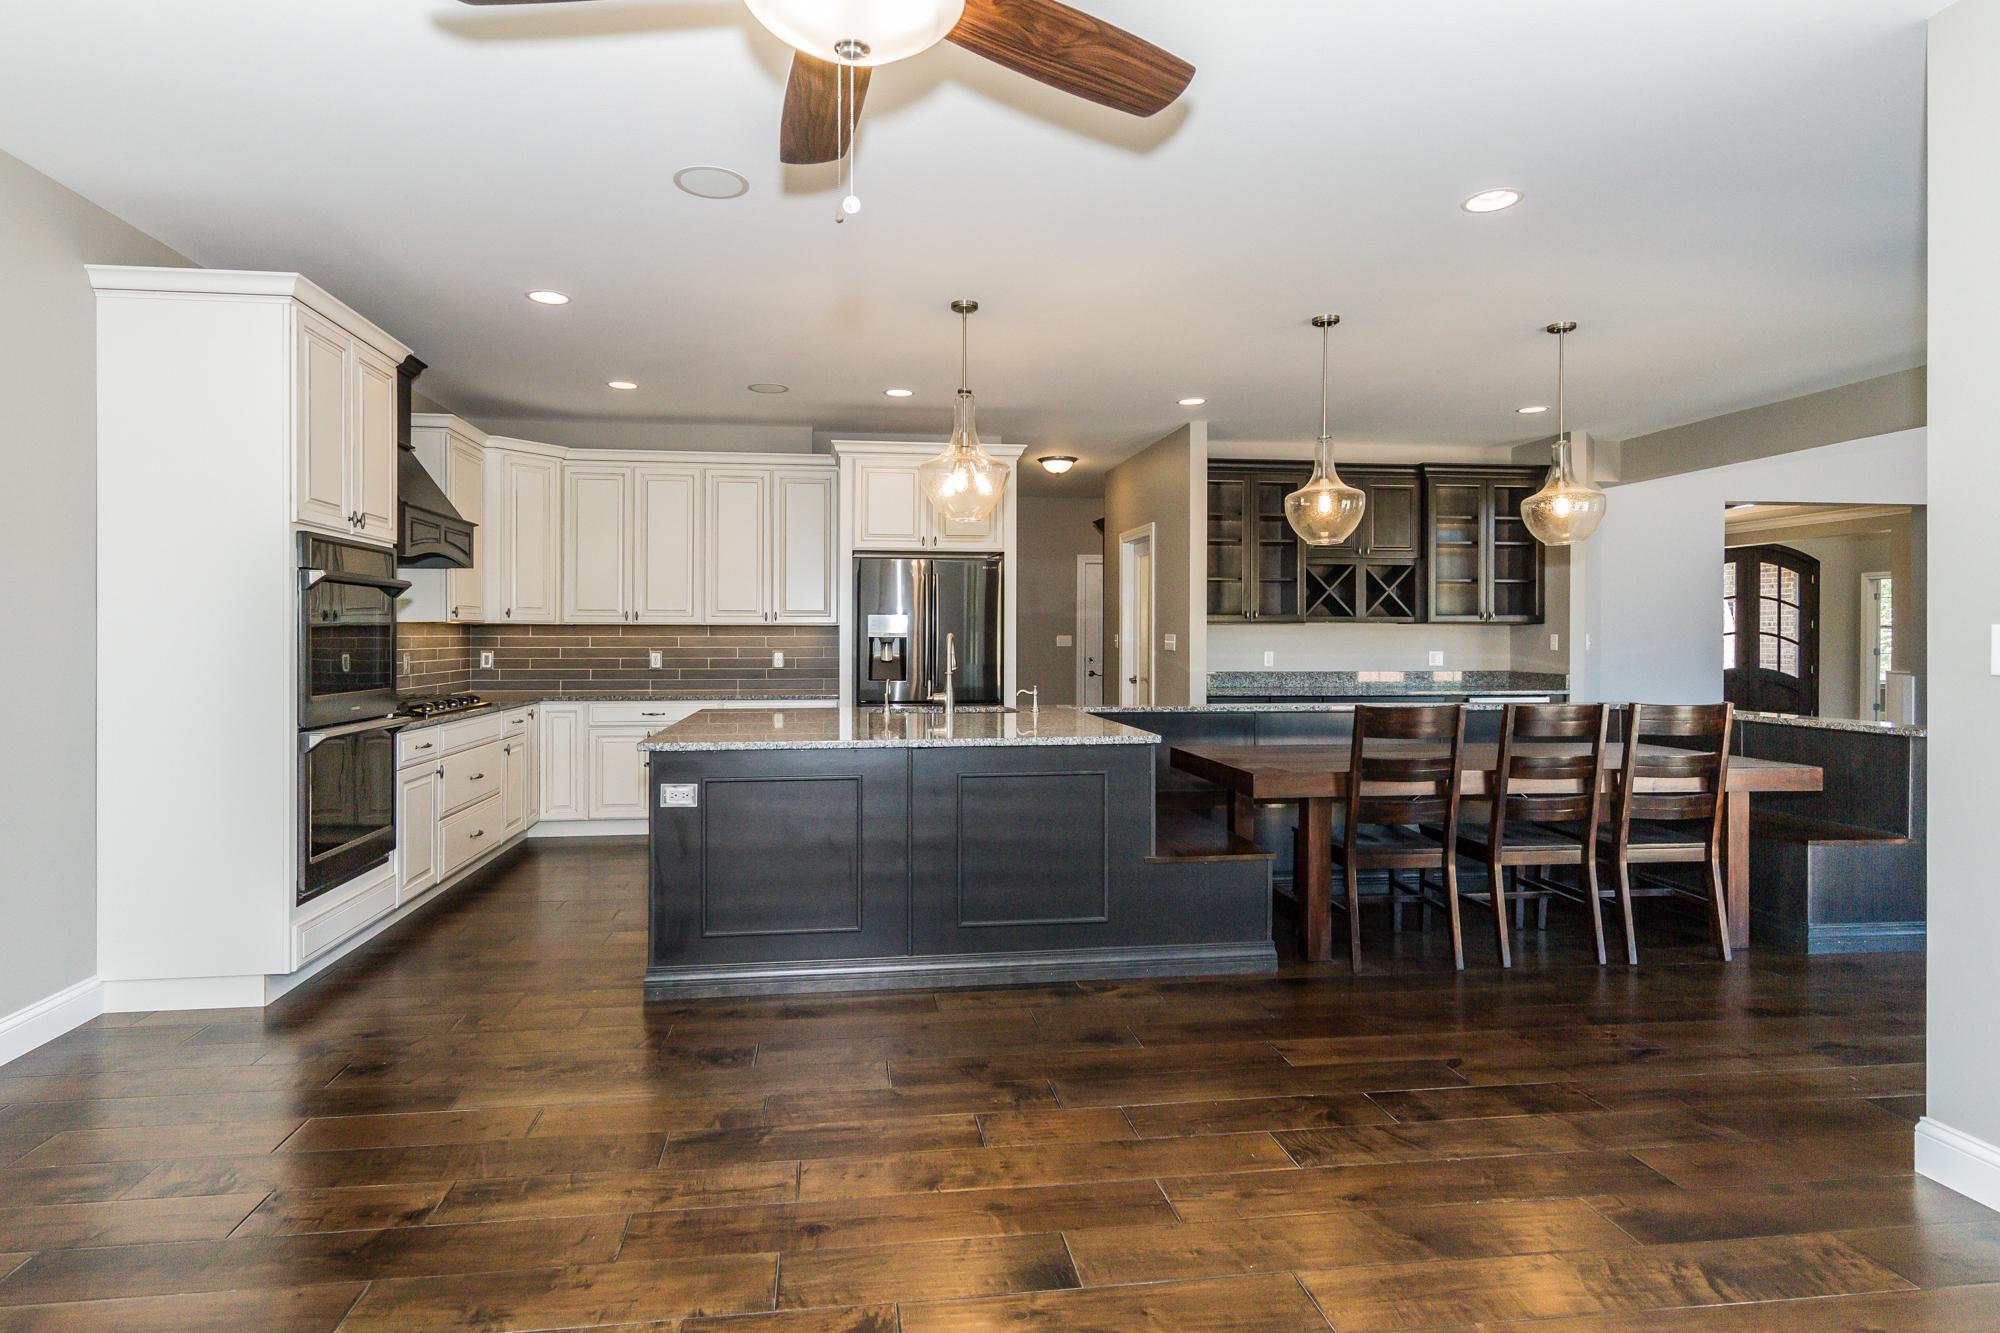 New-Construction-For-Sale-O'Fallon-Illinois-CR-Holland-0-35.jpg